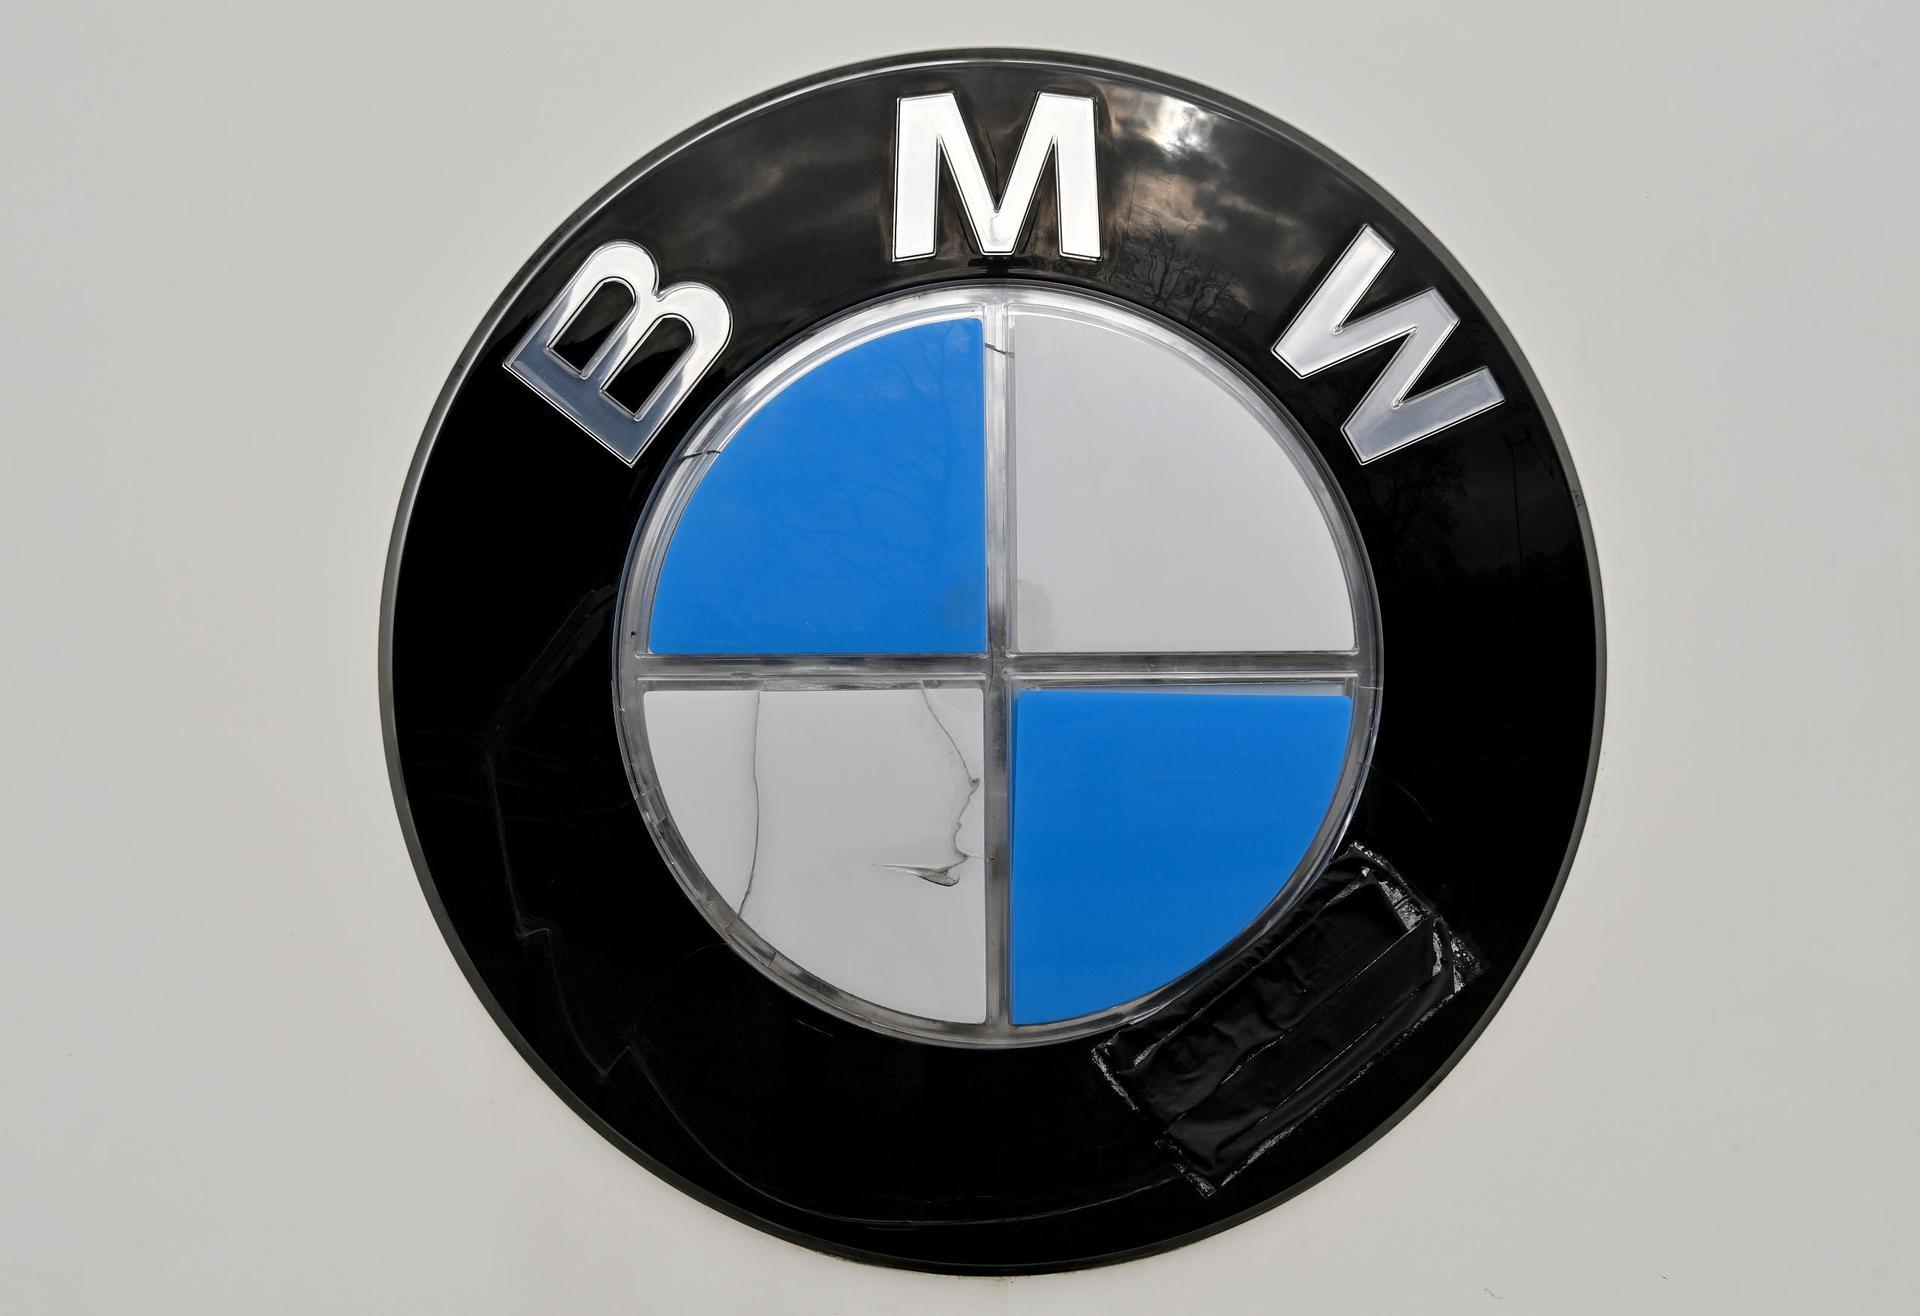 Chipmangel bremst BMW-Produktion aus In Regensburg und Oxford